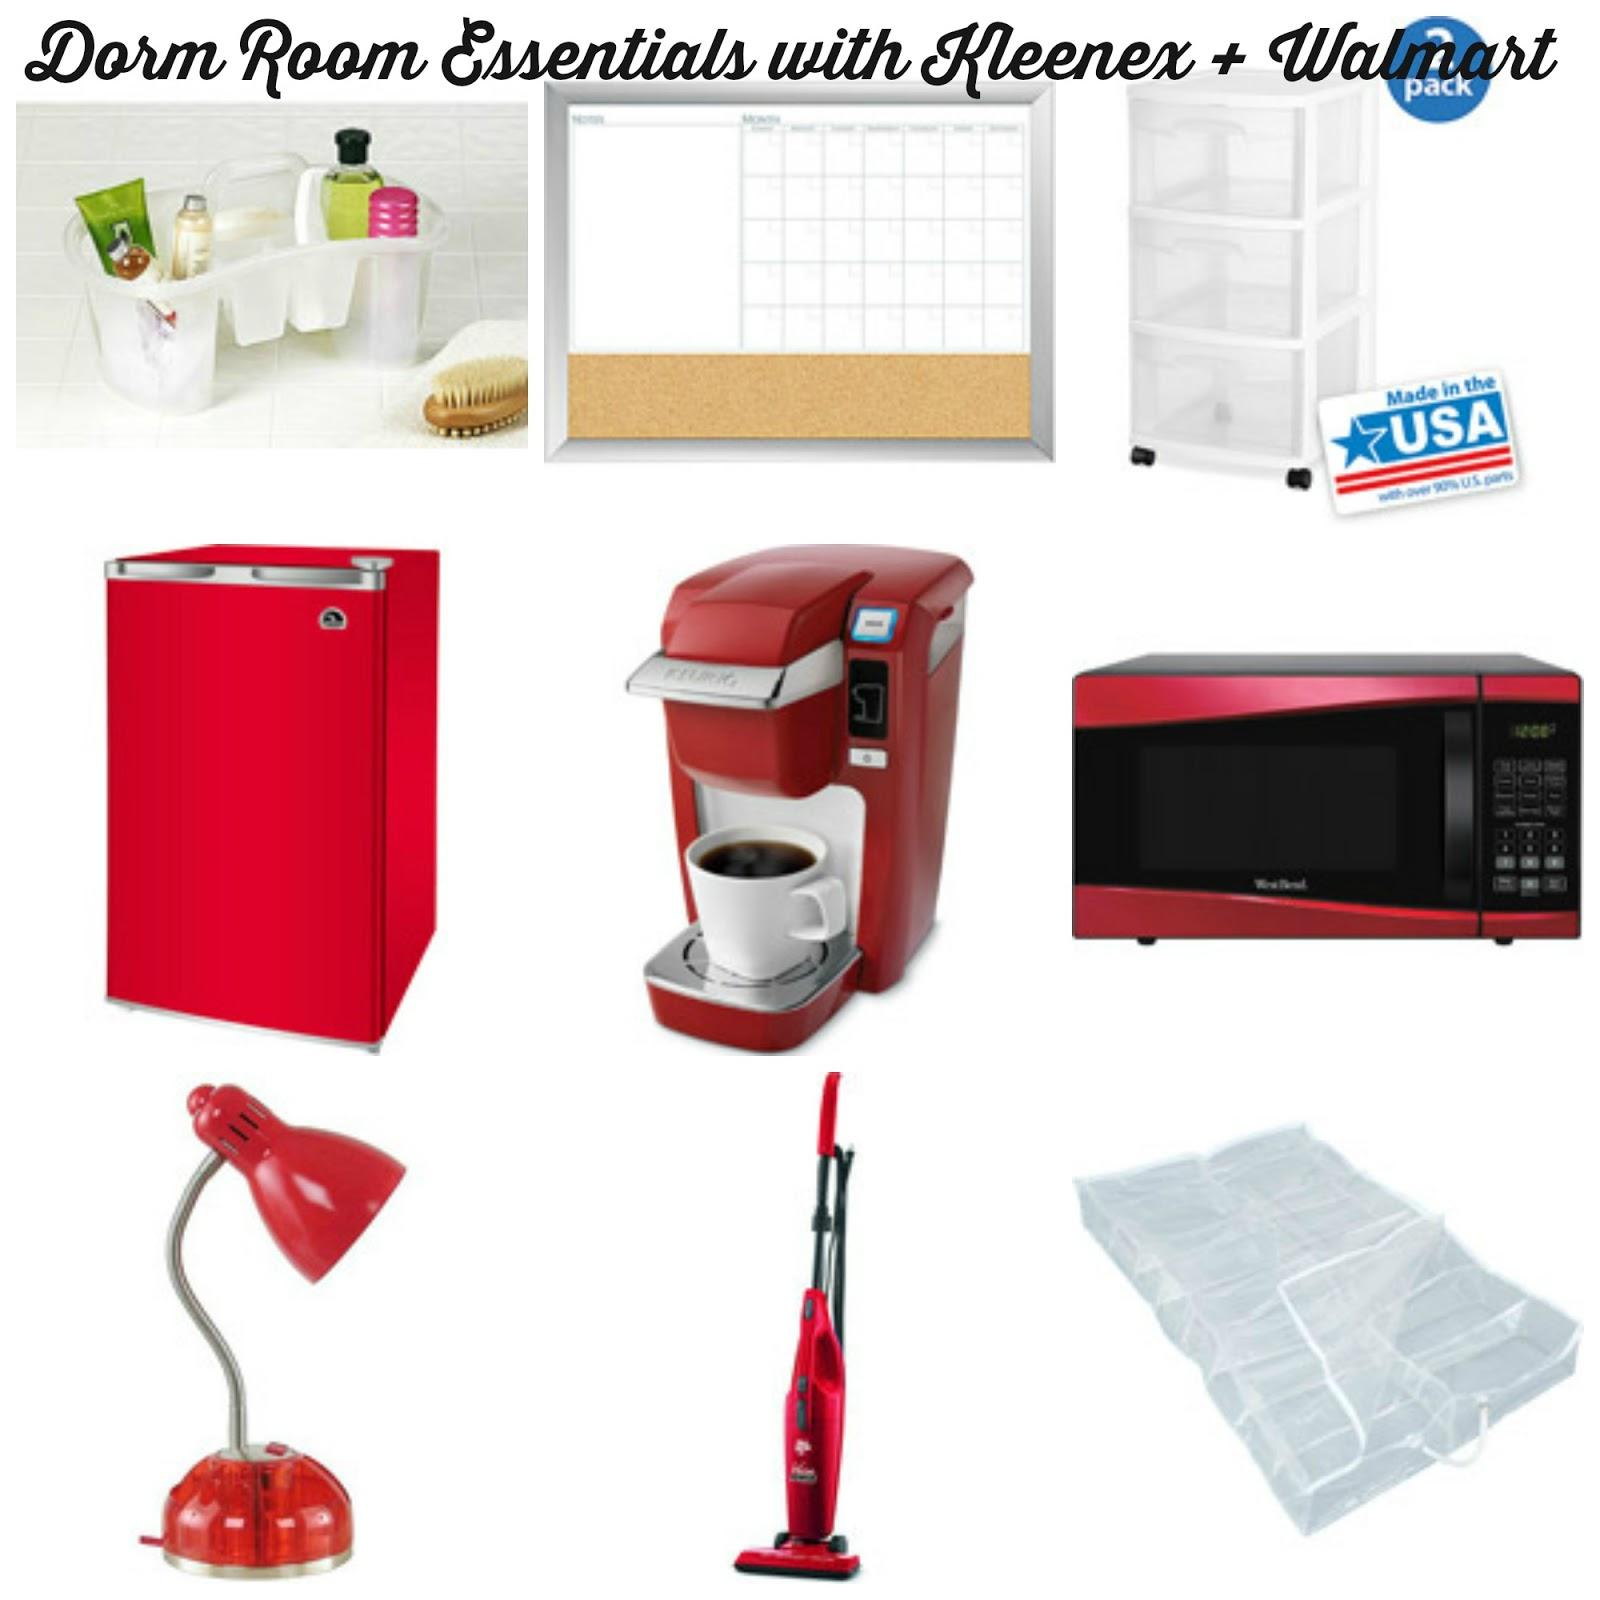 Mermade Moments Dorm Room Essentials With Kleenex Walmart